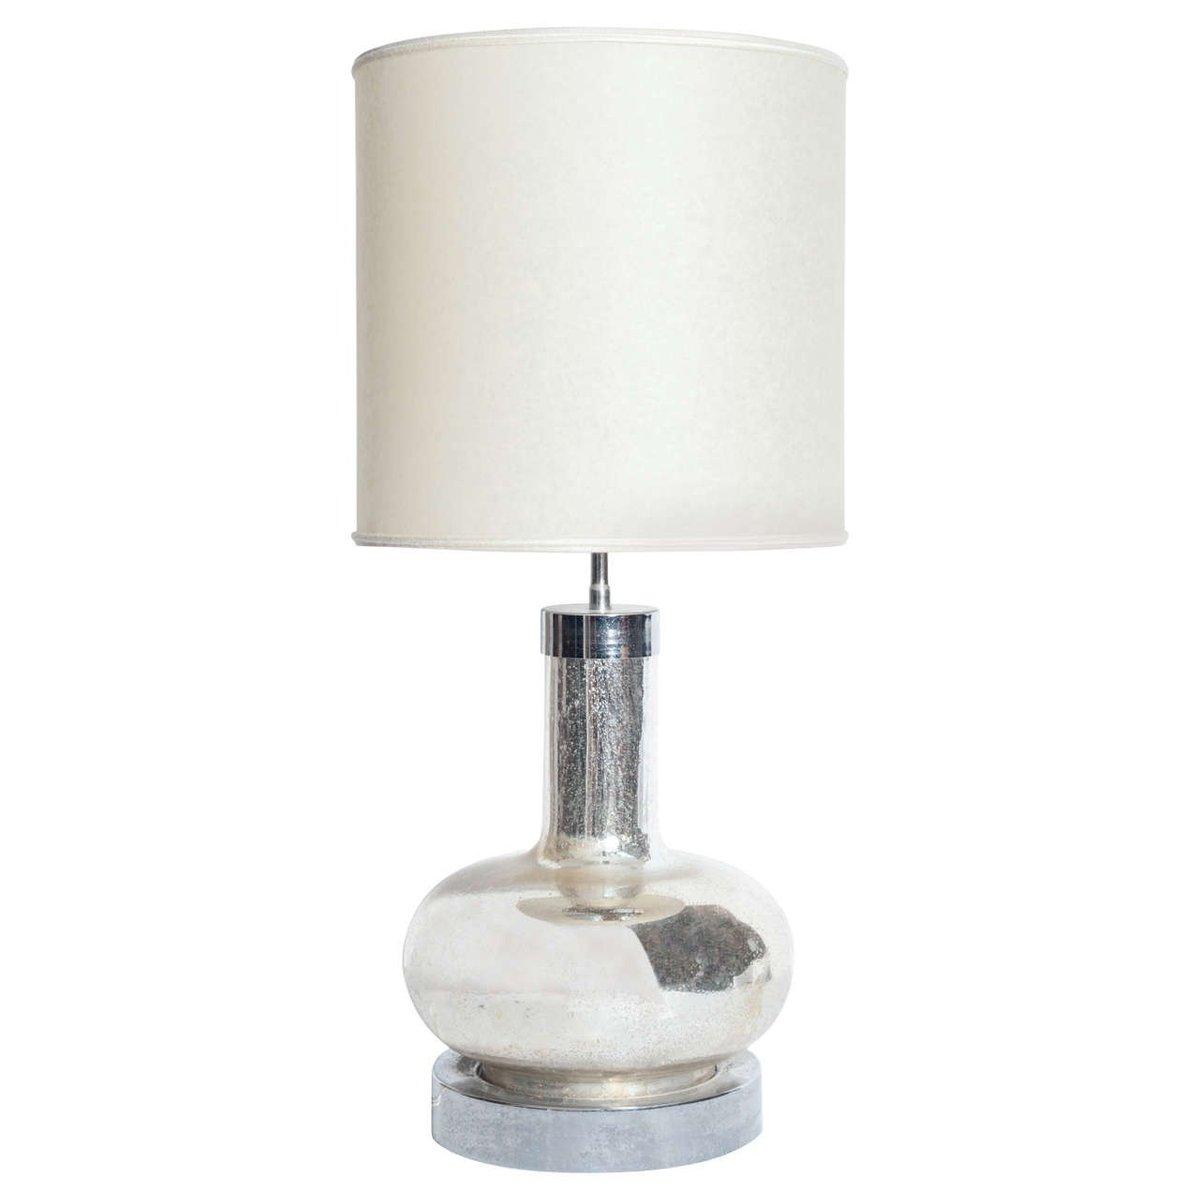 Lampe de bureau vintage en verre mercur chrome en vente - Lampe de bureau style anglais ...